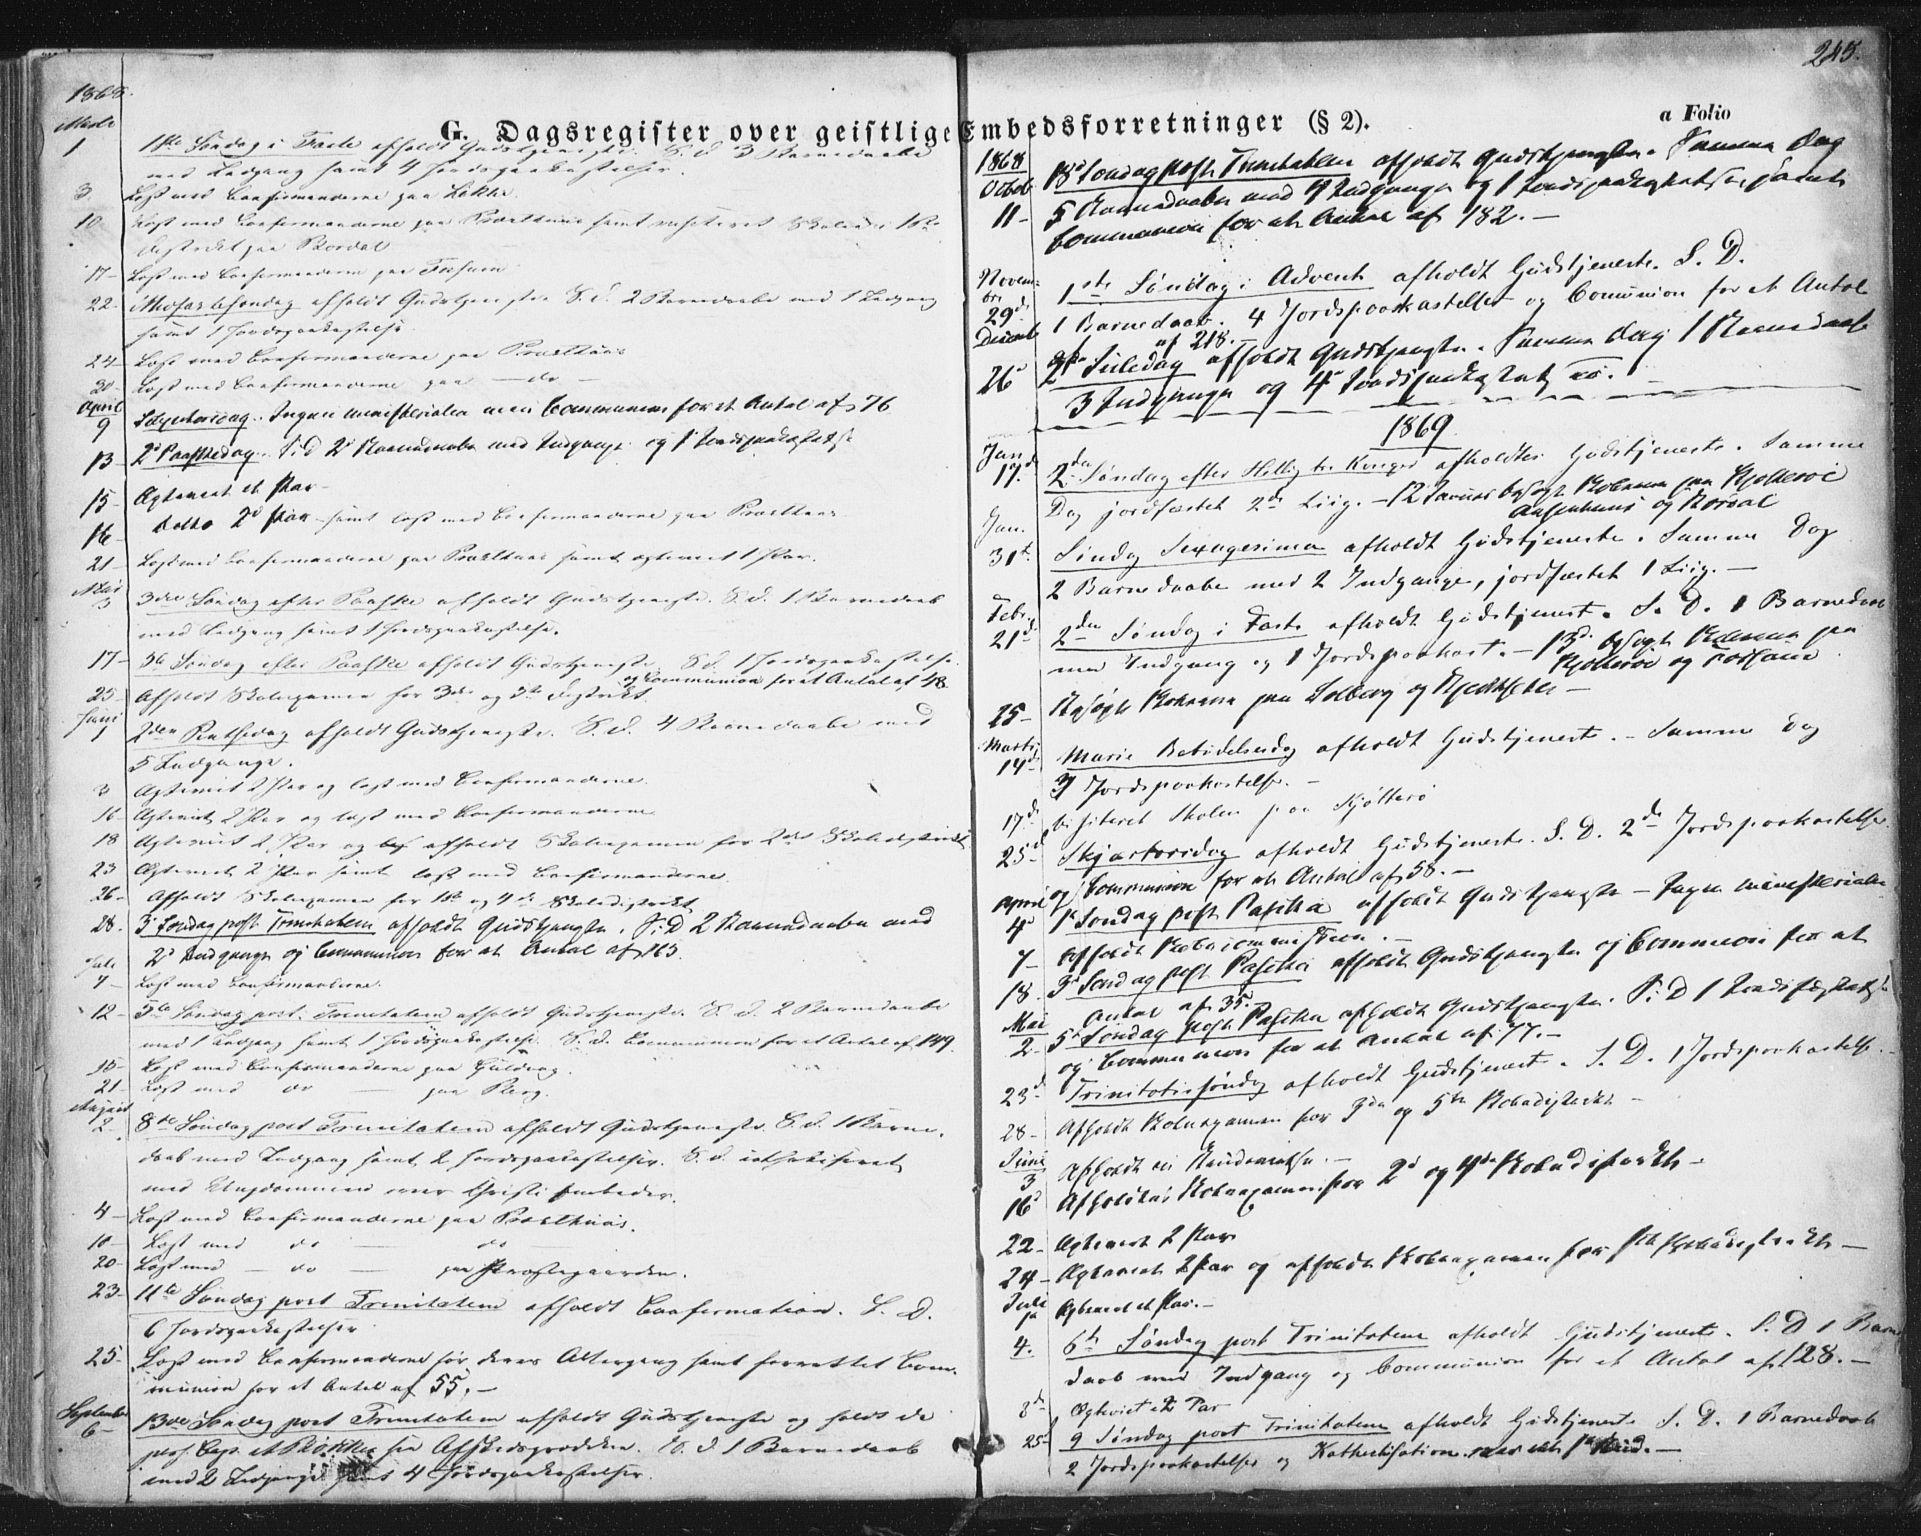 SAT, Ministerialprotokoller, klokkerbøker og fødselsregistre - Sør-Trøndelag, 689/L1038: Ministerialbok nr. 689A03, 1848-1872, s. 245